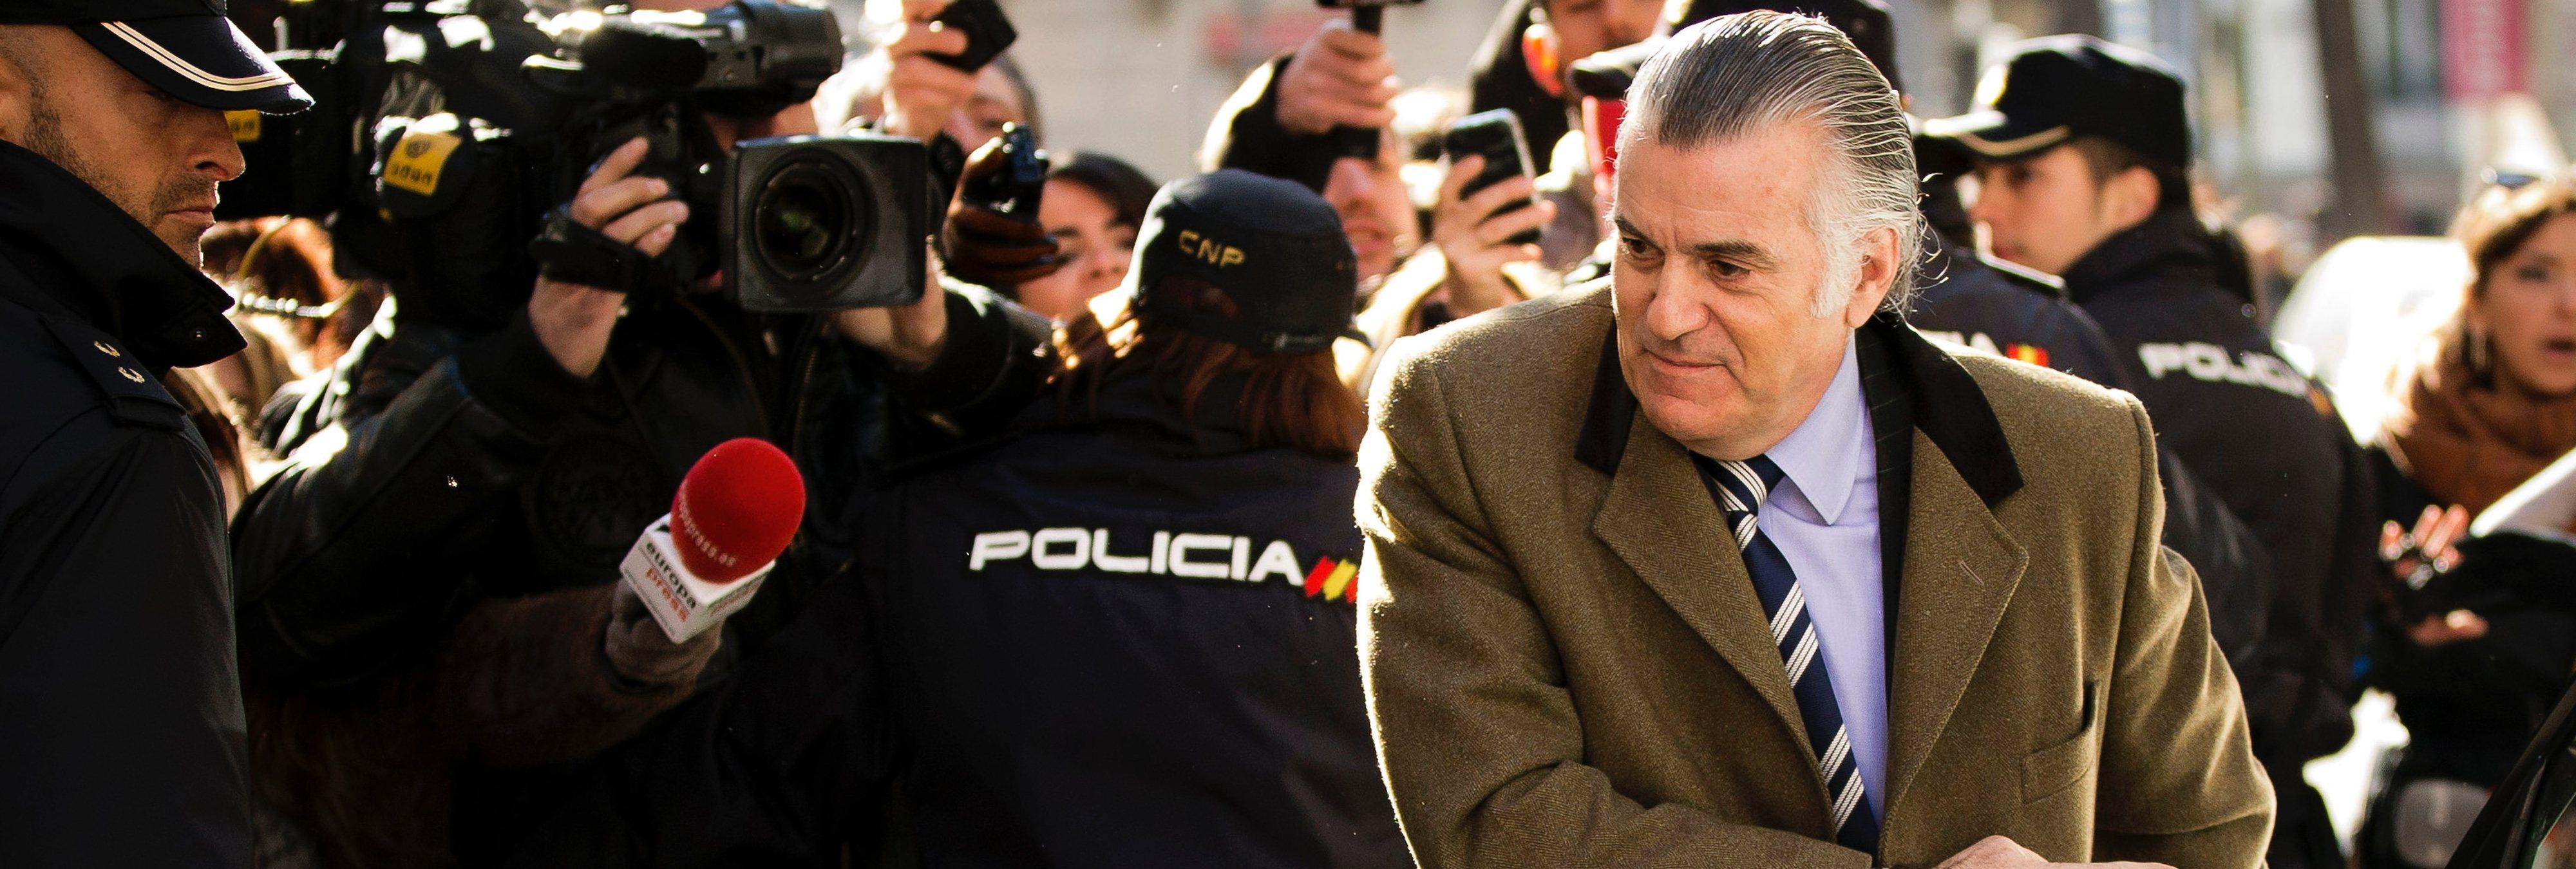 El vídeo grabado por Bárcenas que podría hacer caer a Rajoy